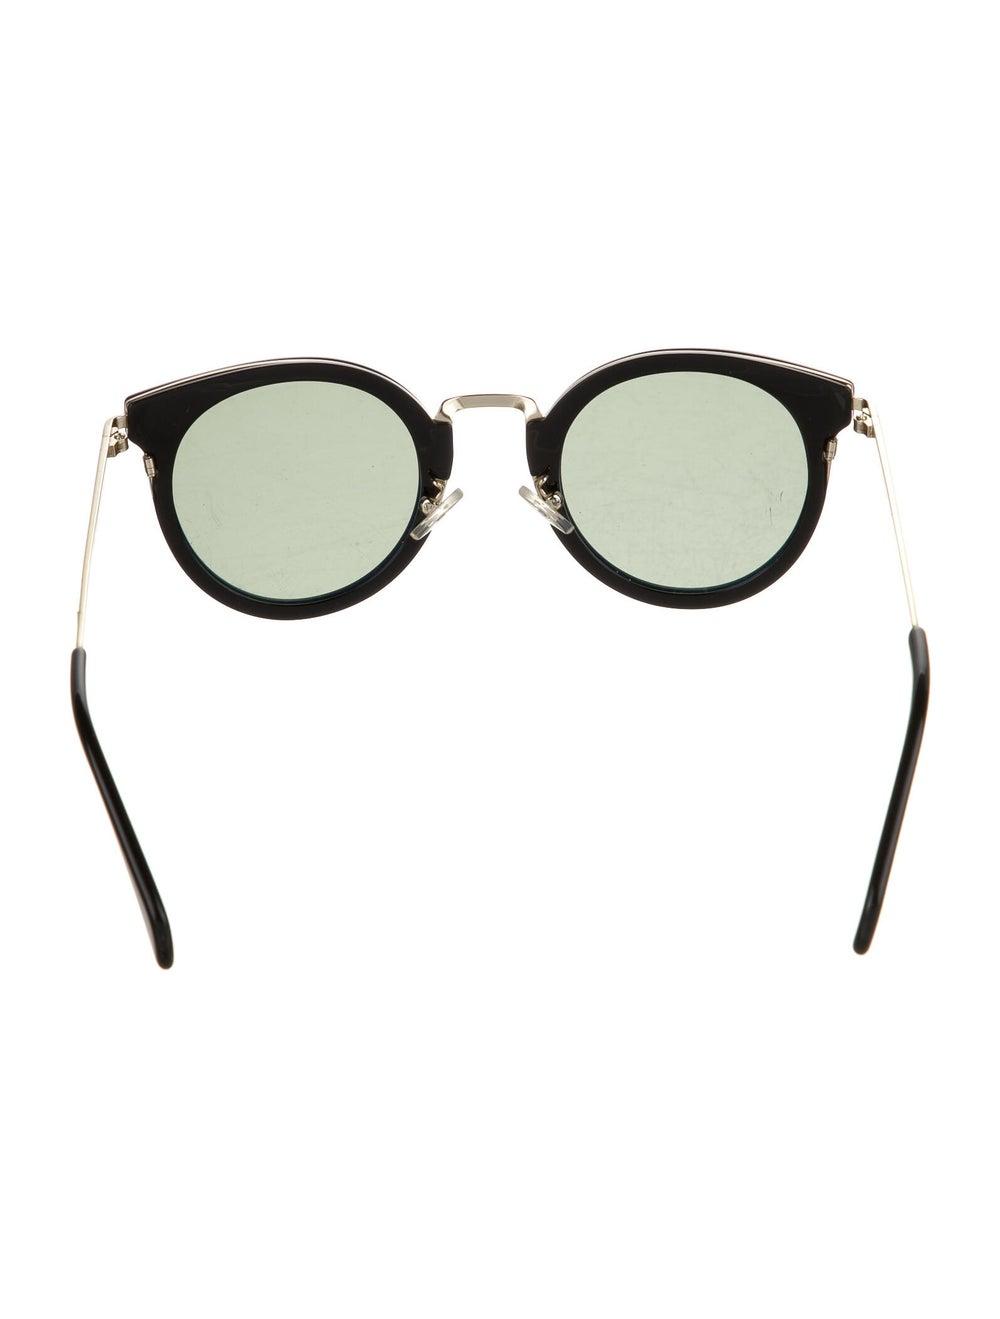 Celine Round Tinted Sunglasses Black - image 3